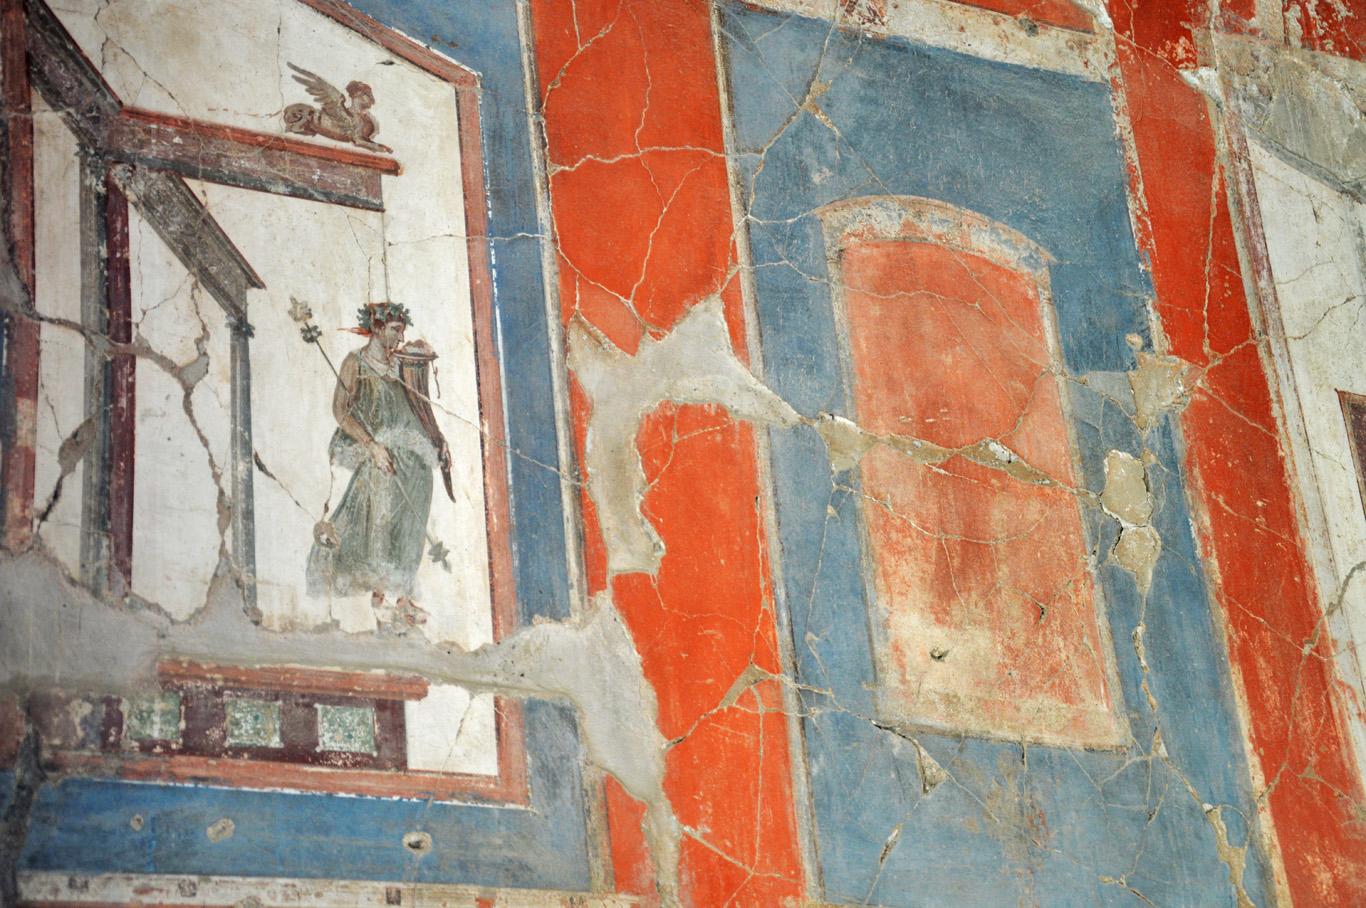 Frescoes in Herculaneum